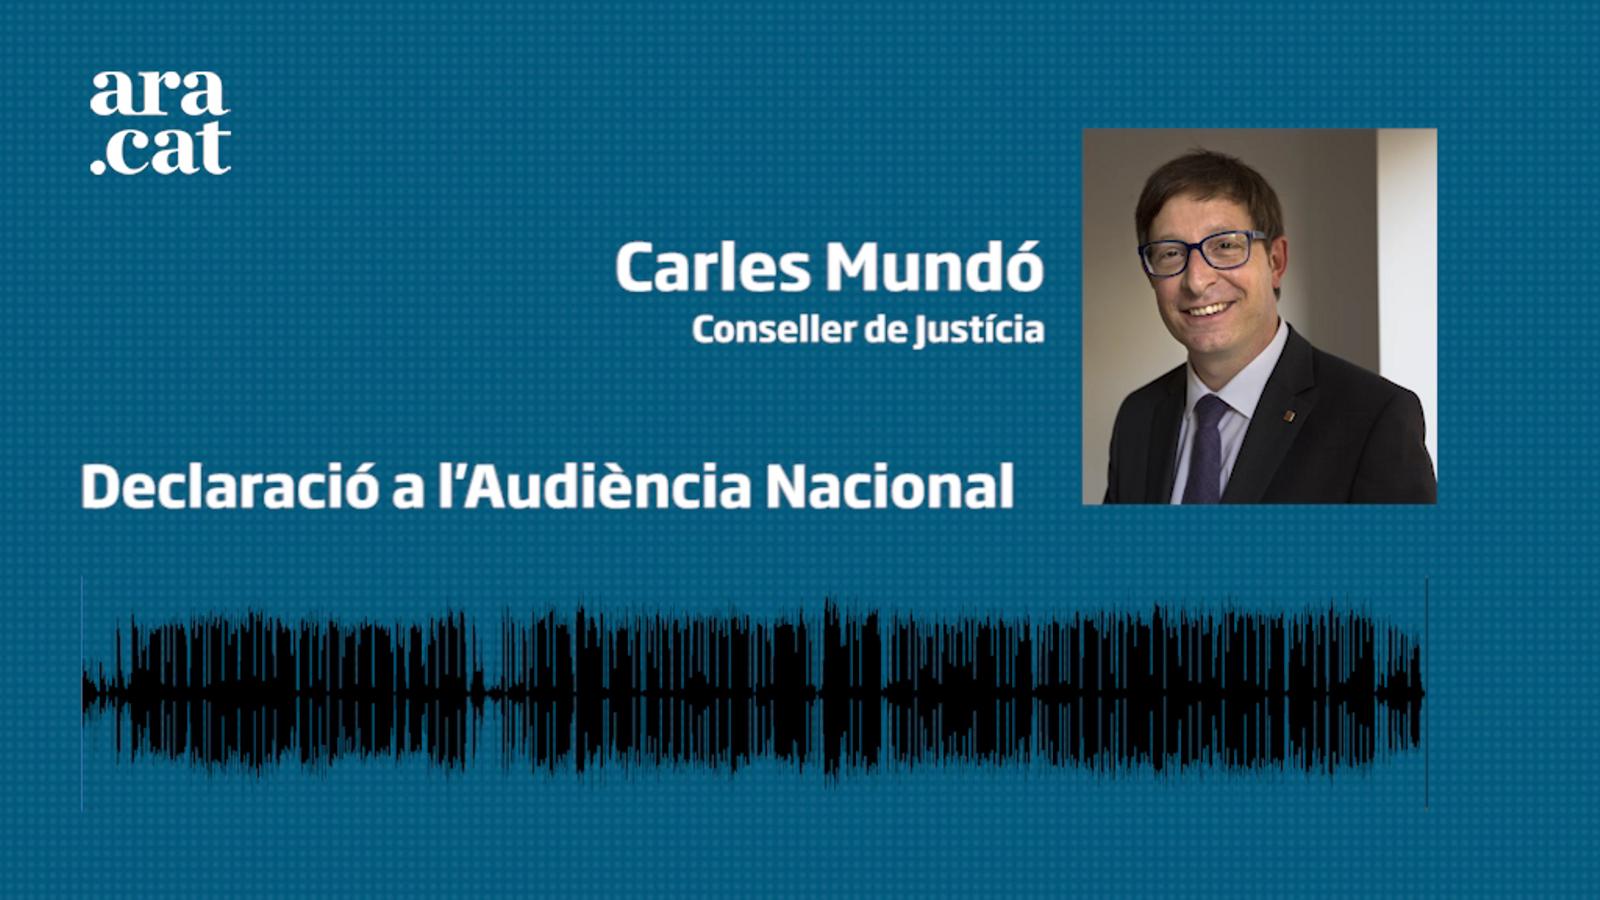 Carles Mundó declara a l'Audiència Nacional